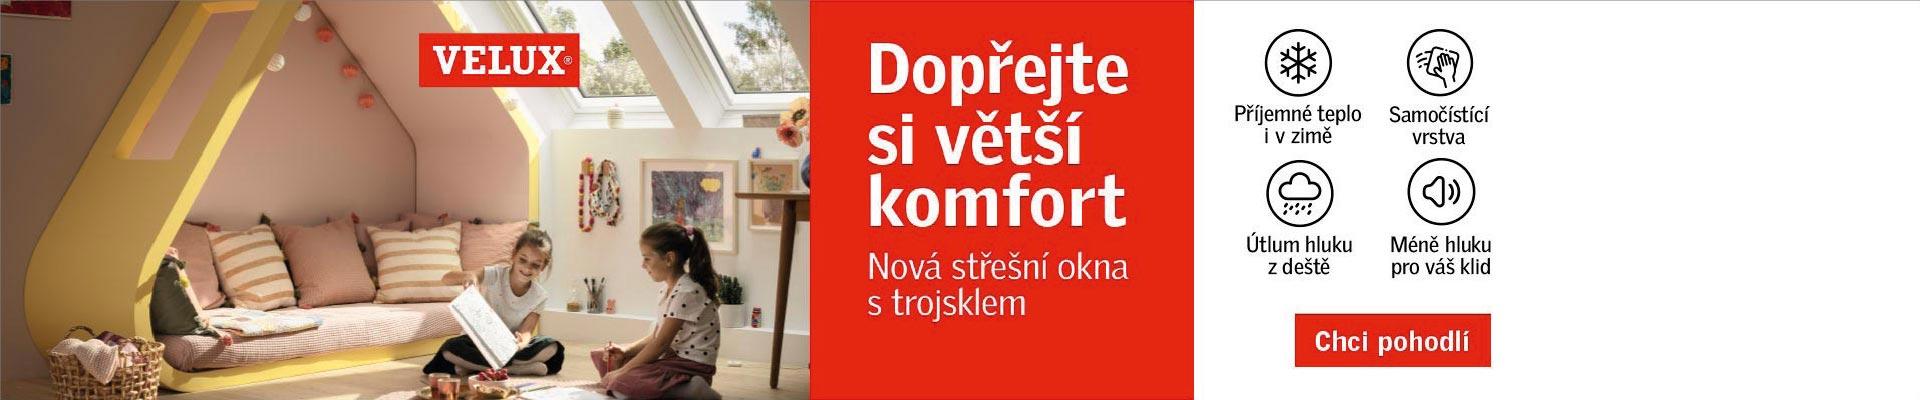 PivofeST - Říjnové nákupy